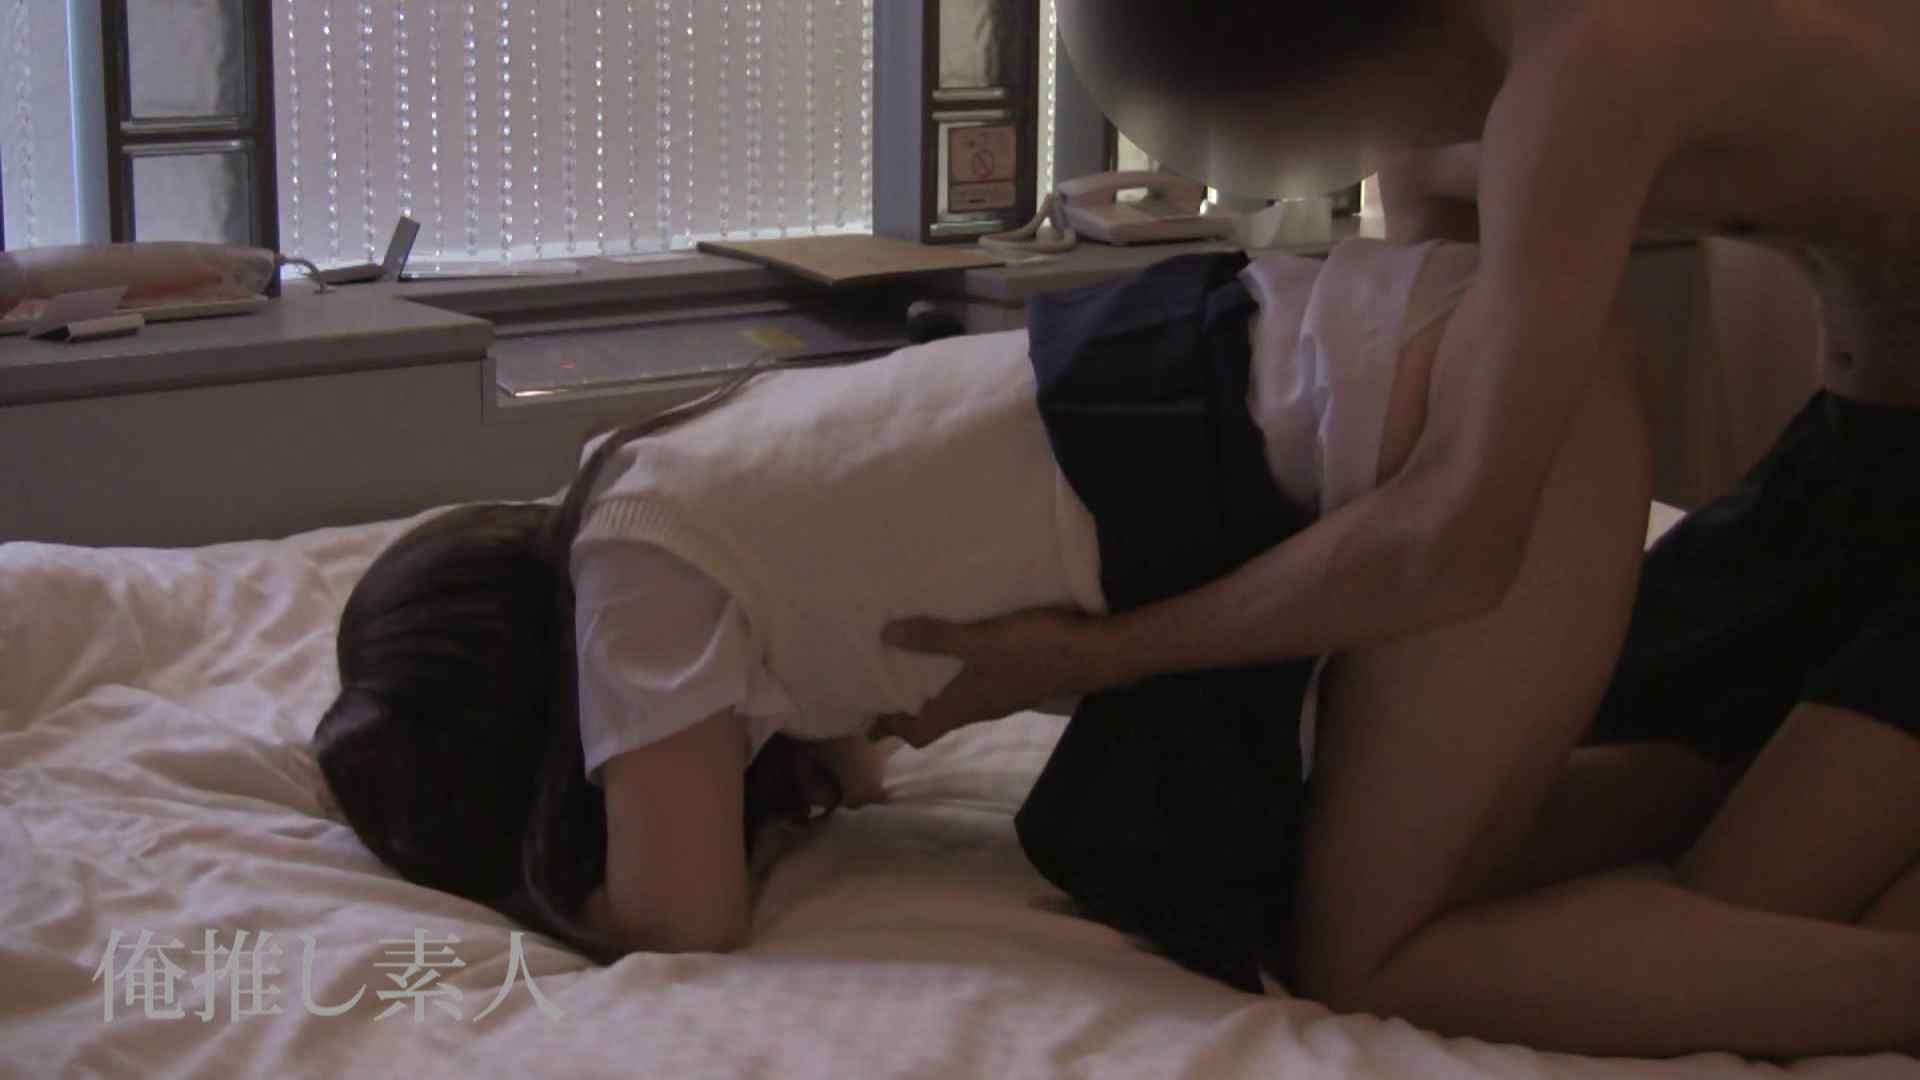 俺推し素人 EカップシングルマザーOL30歳瑤子vol4 エッチな人妻 オマンコ動画キャプチャ 52pic 14